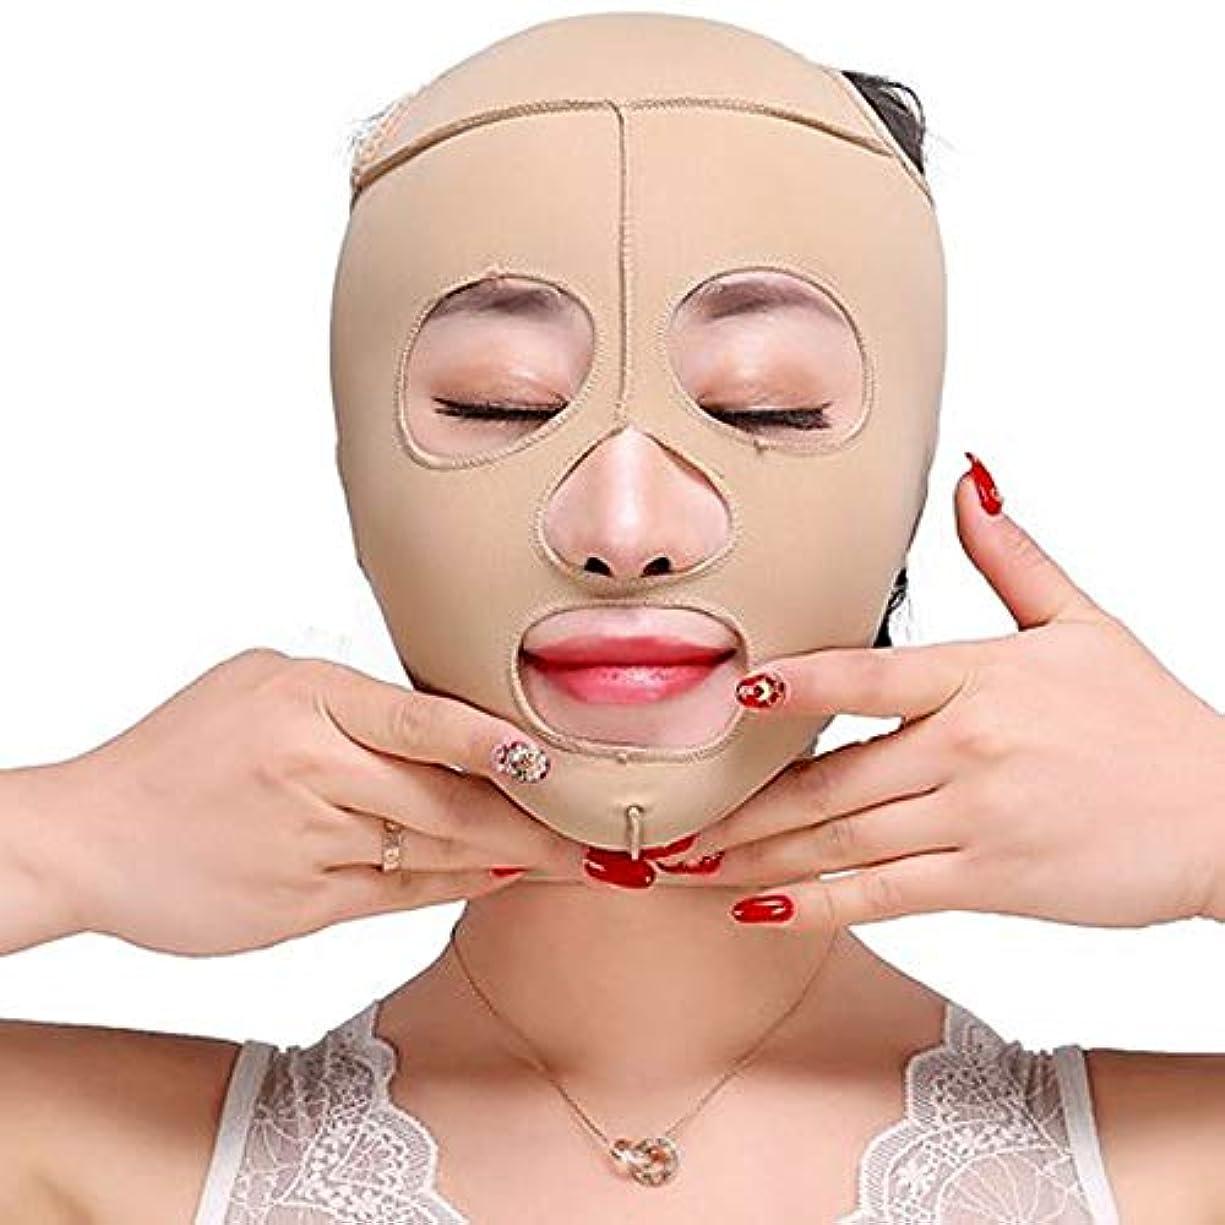 蜜ストレッチ爪GLJJQMY フェイシャルリフティングフェイシャルVマスクダブルあご薄い顔包帯抗シワリフティングチークライン 顔用整形マスク (Size : M)